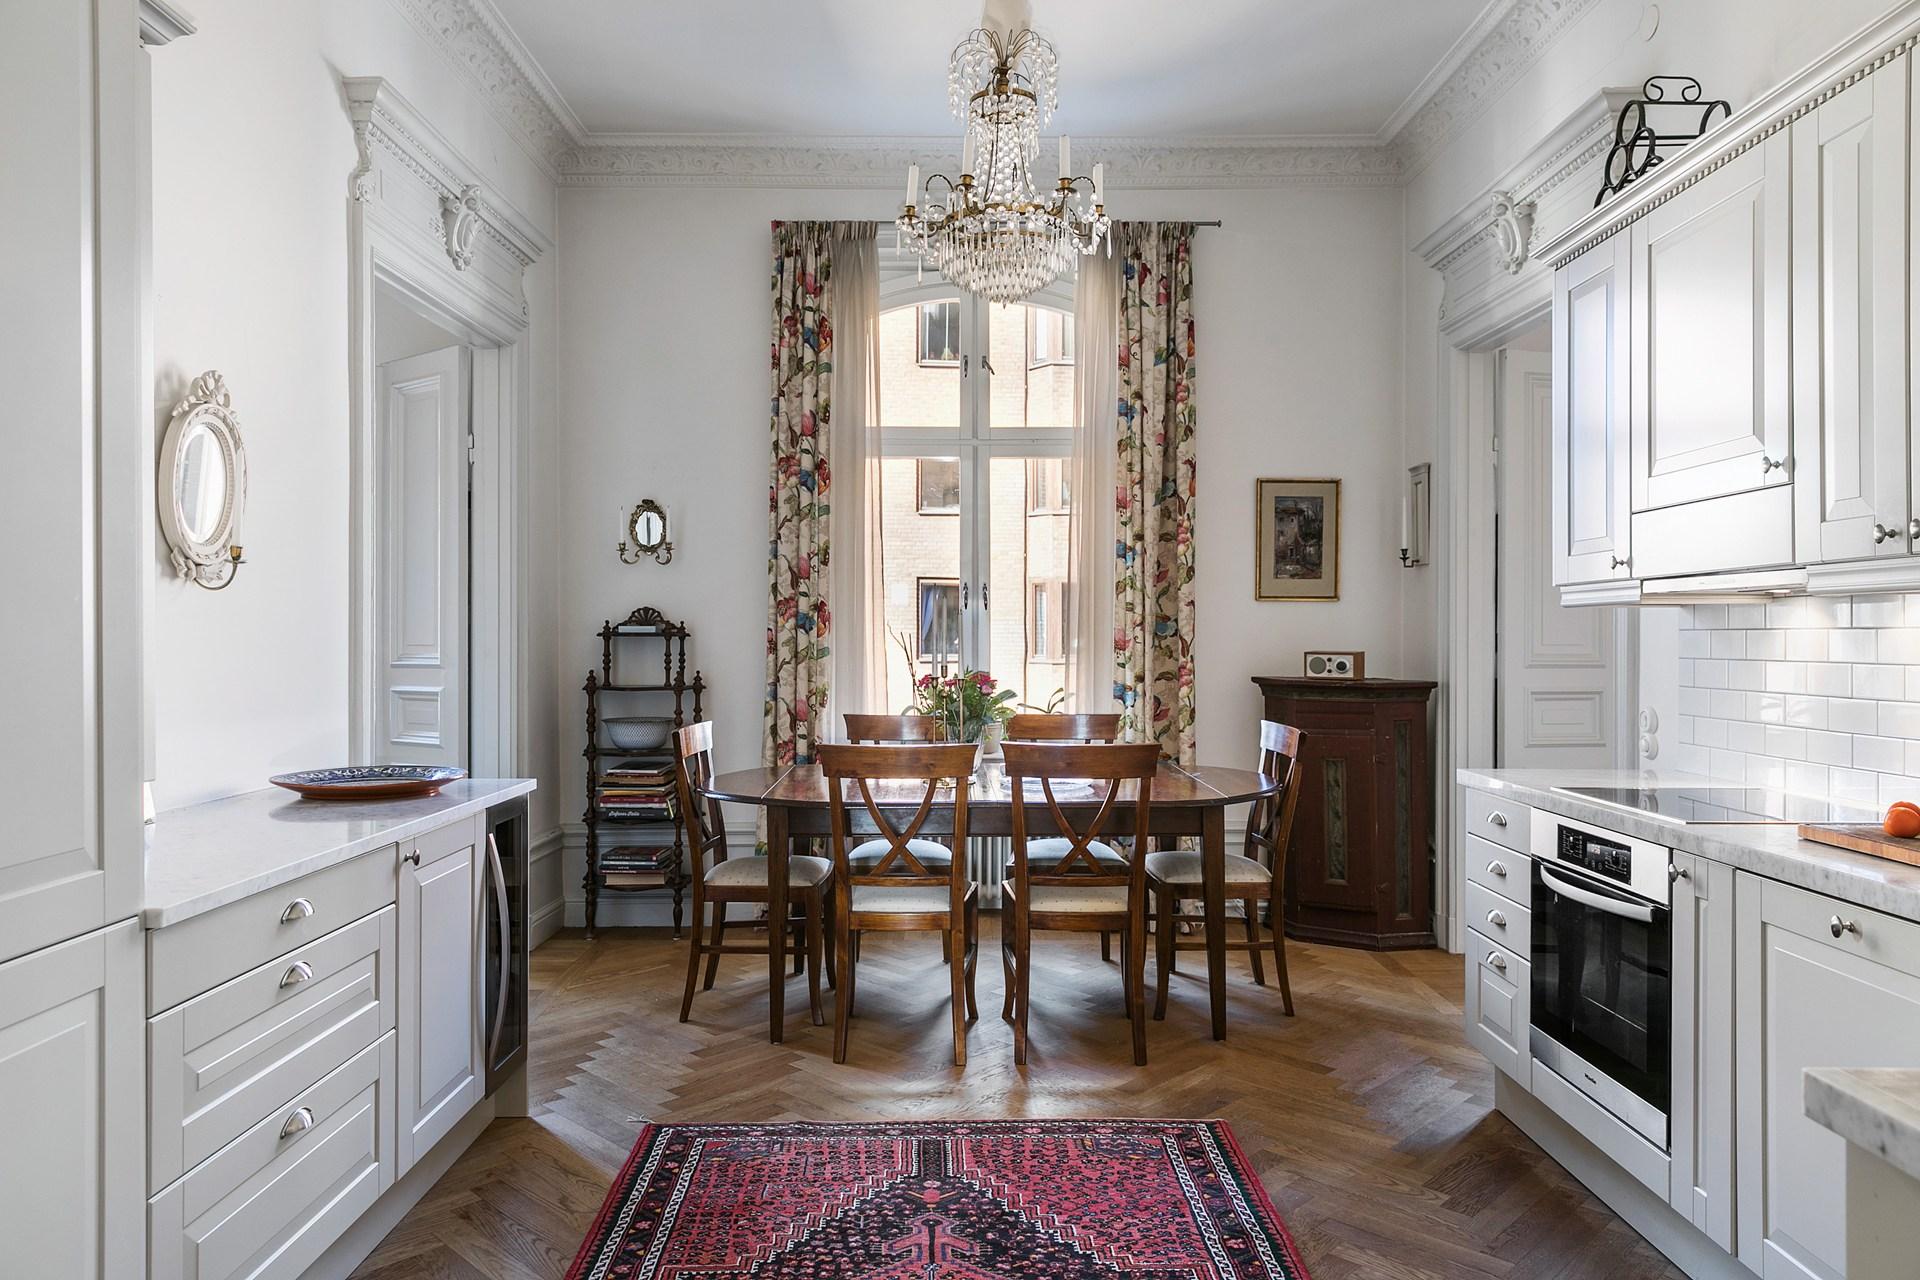 обеденный стол стулья ковер кухня